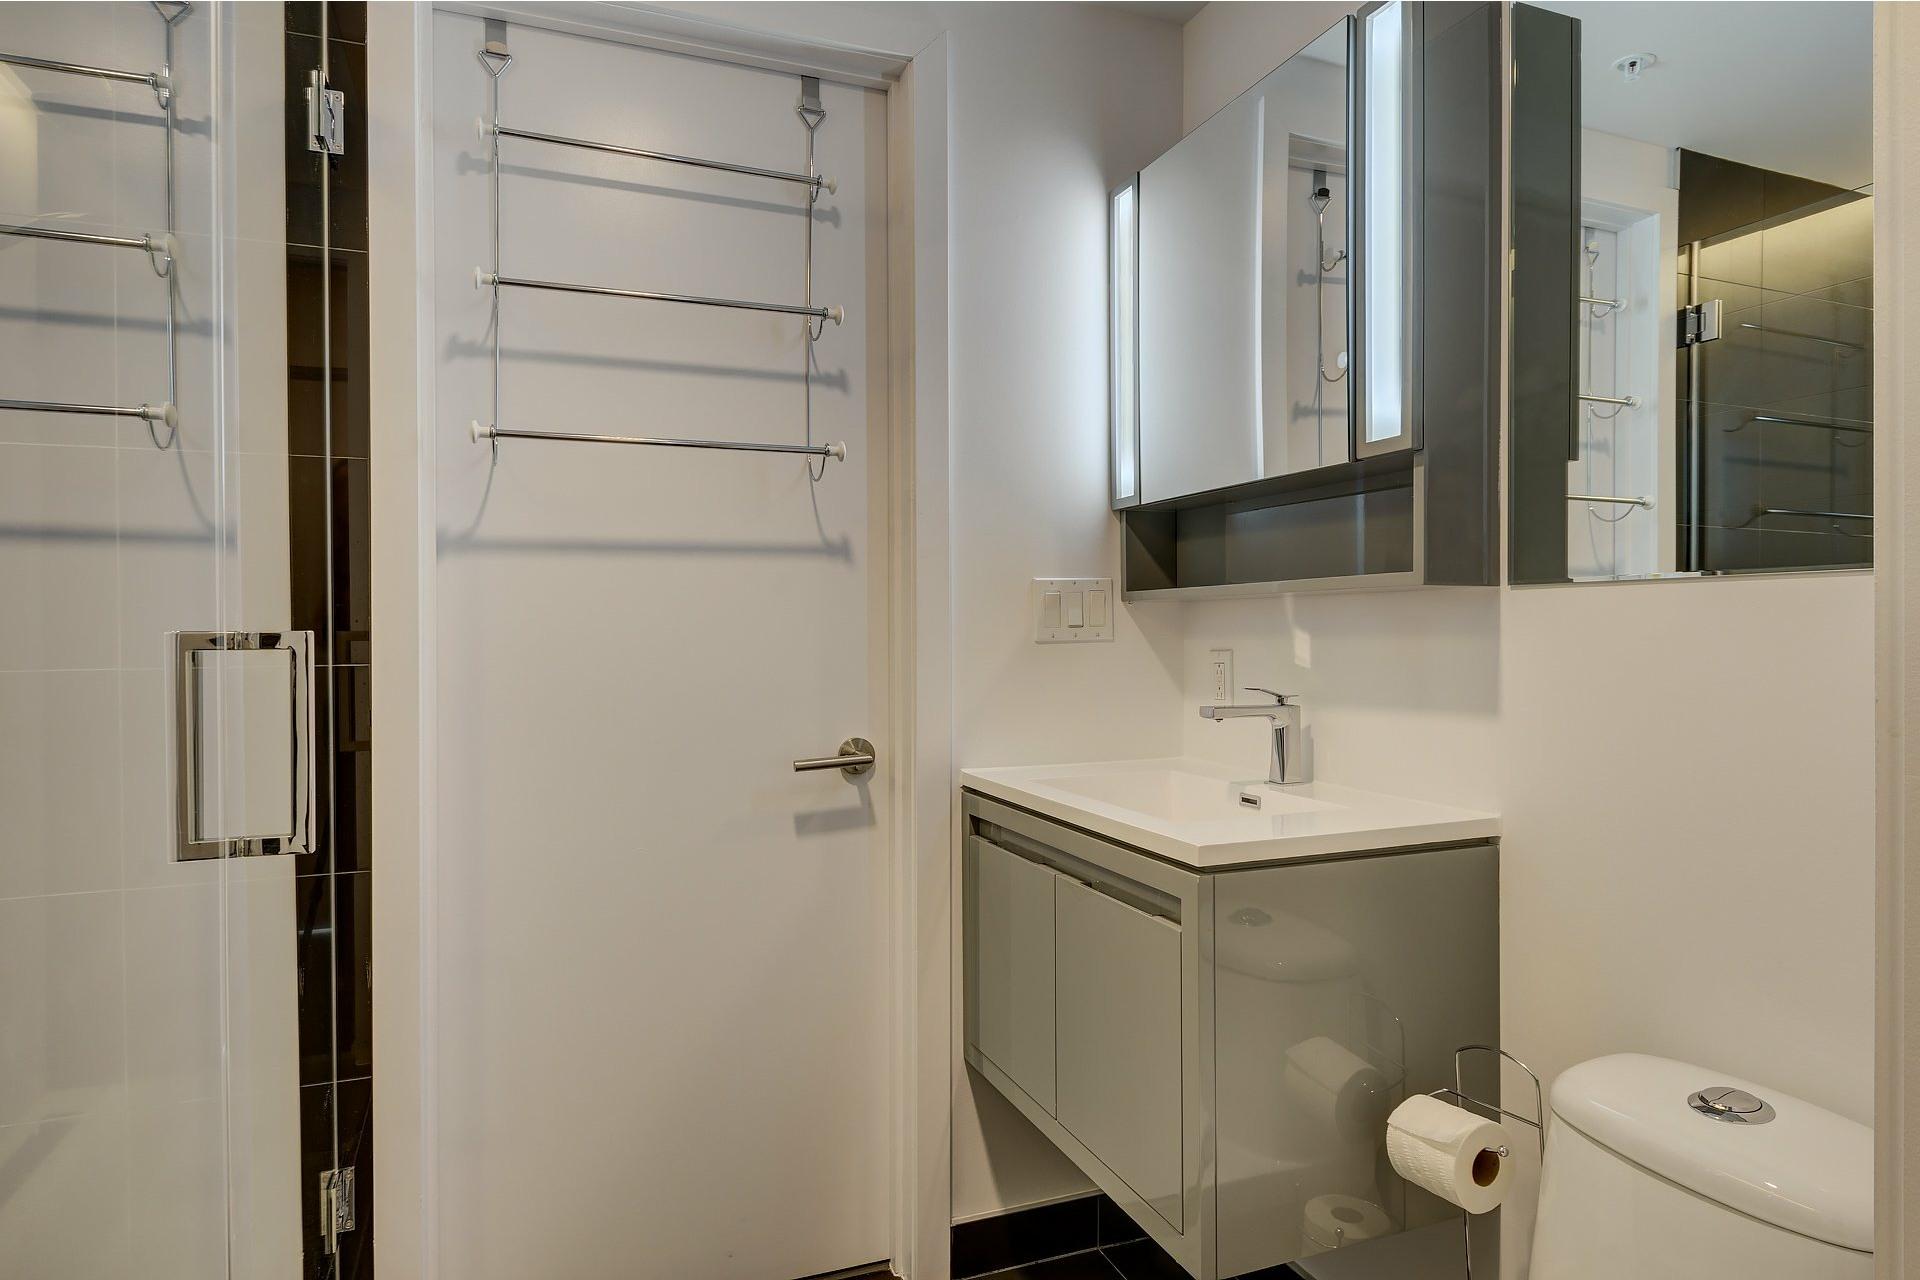 image 9 - Appartement À louer Montréal Ville-Marie  - 4 pièces